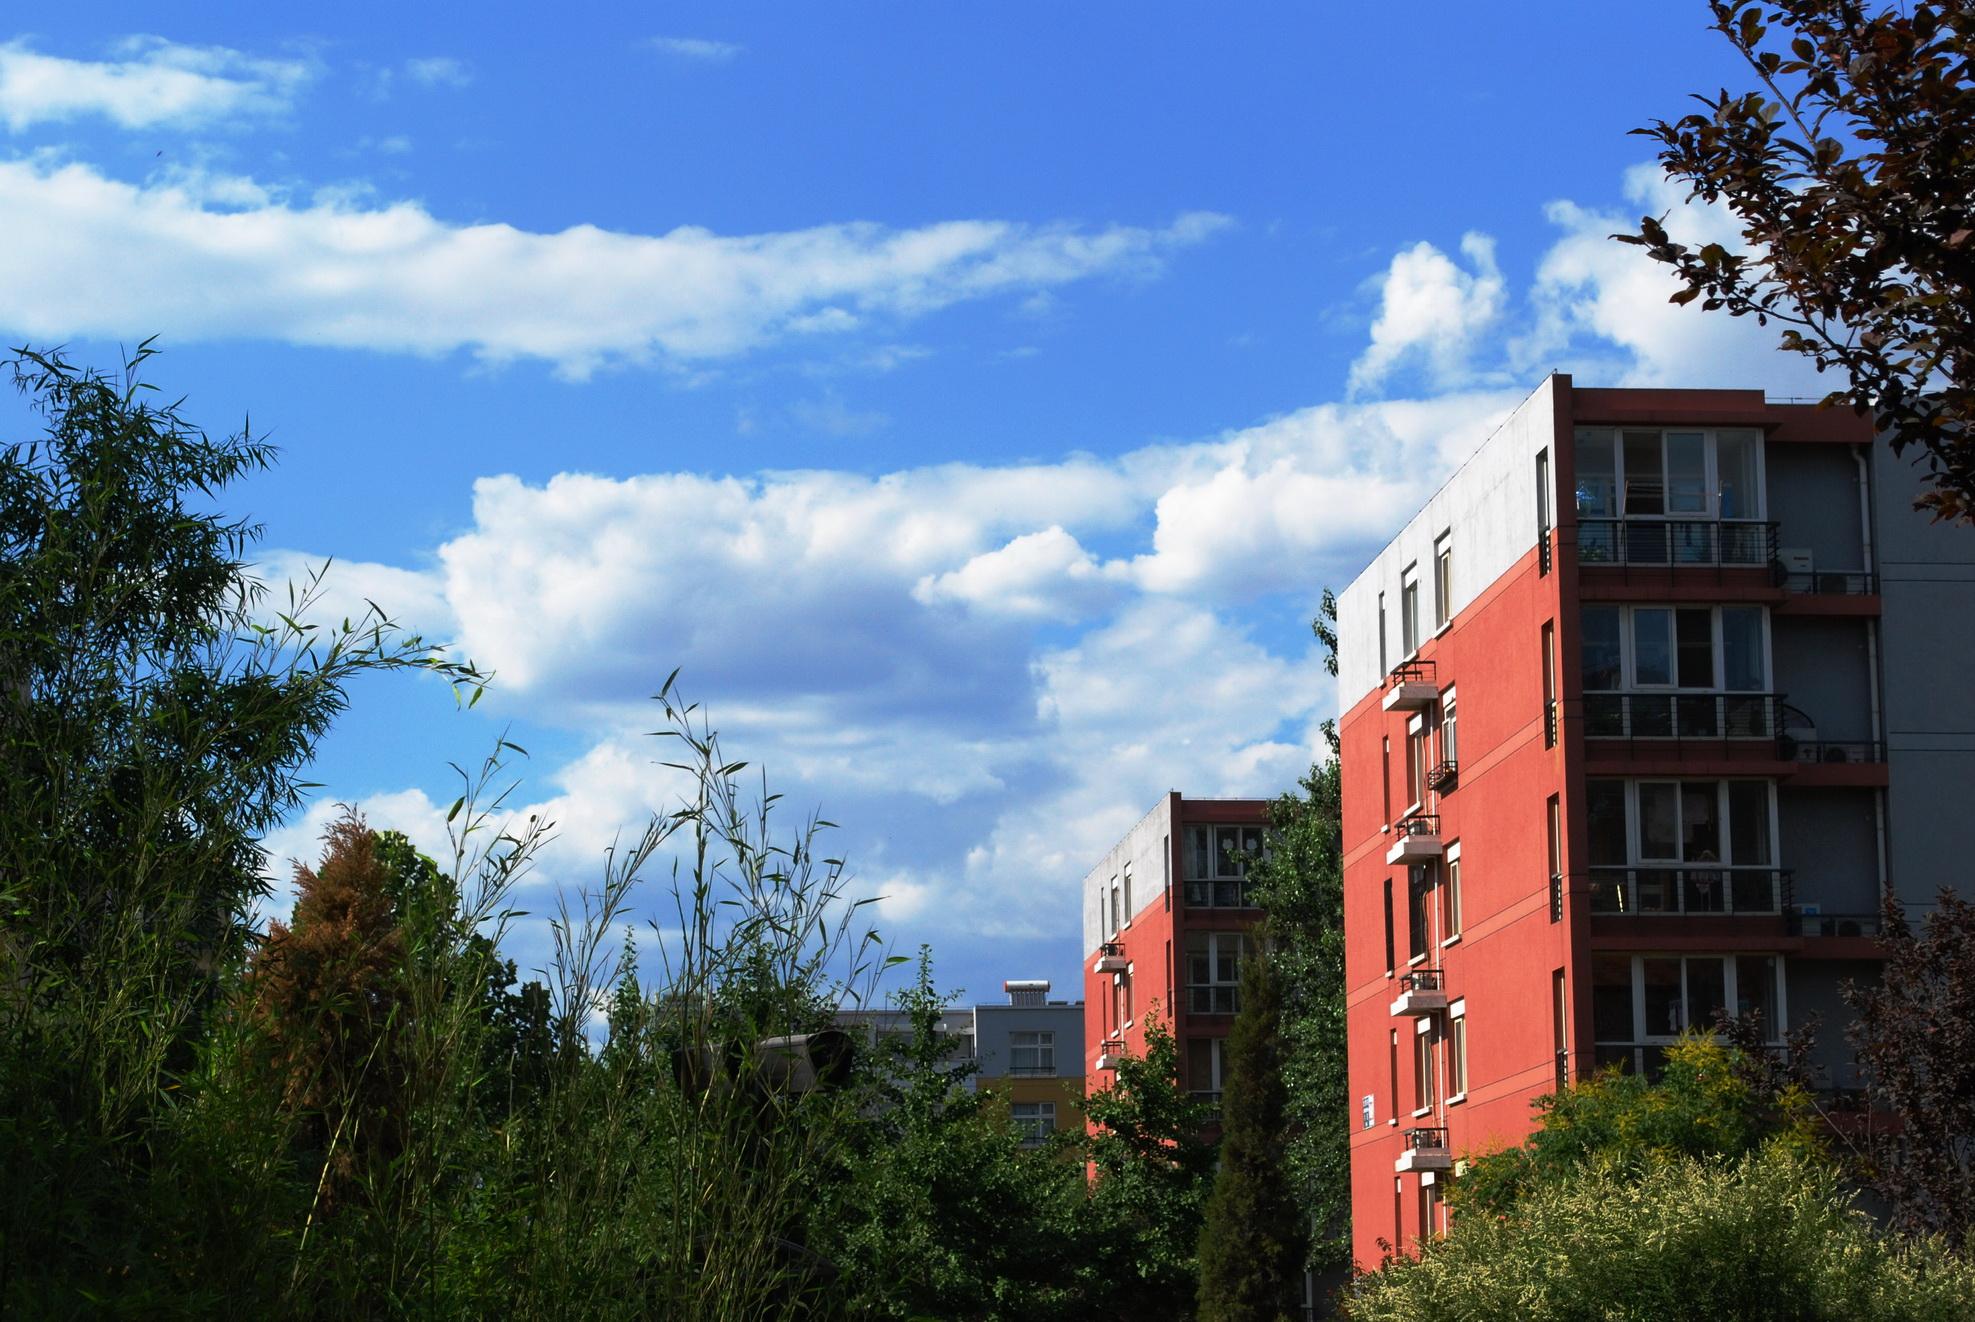 蓝天,白云,绿树,红墙